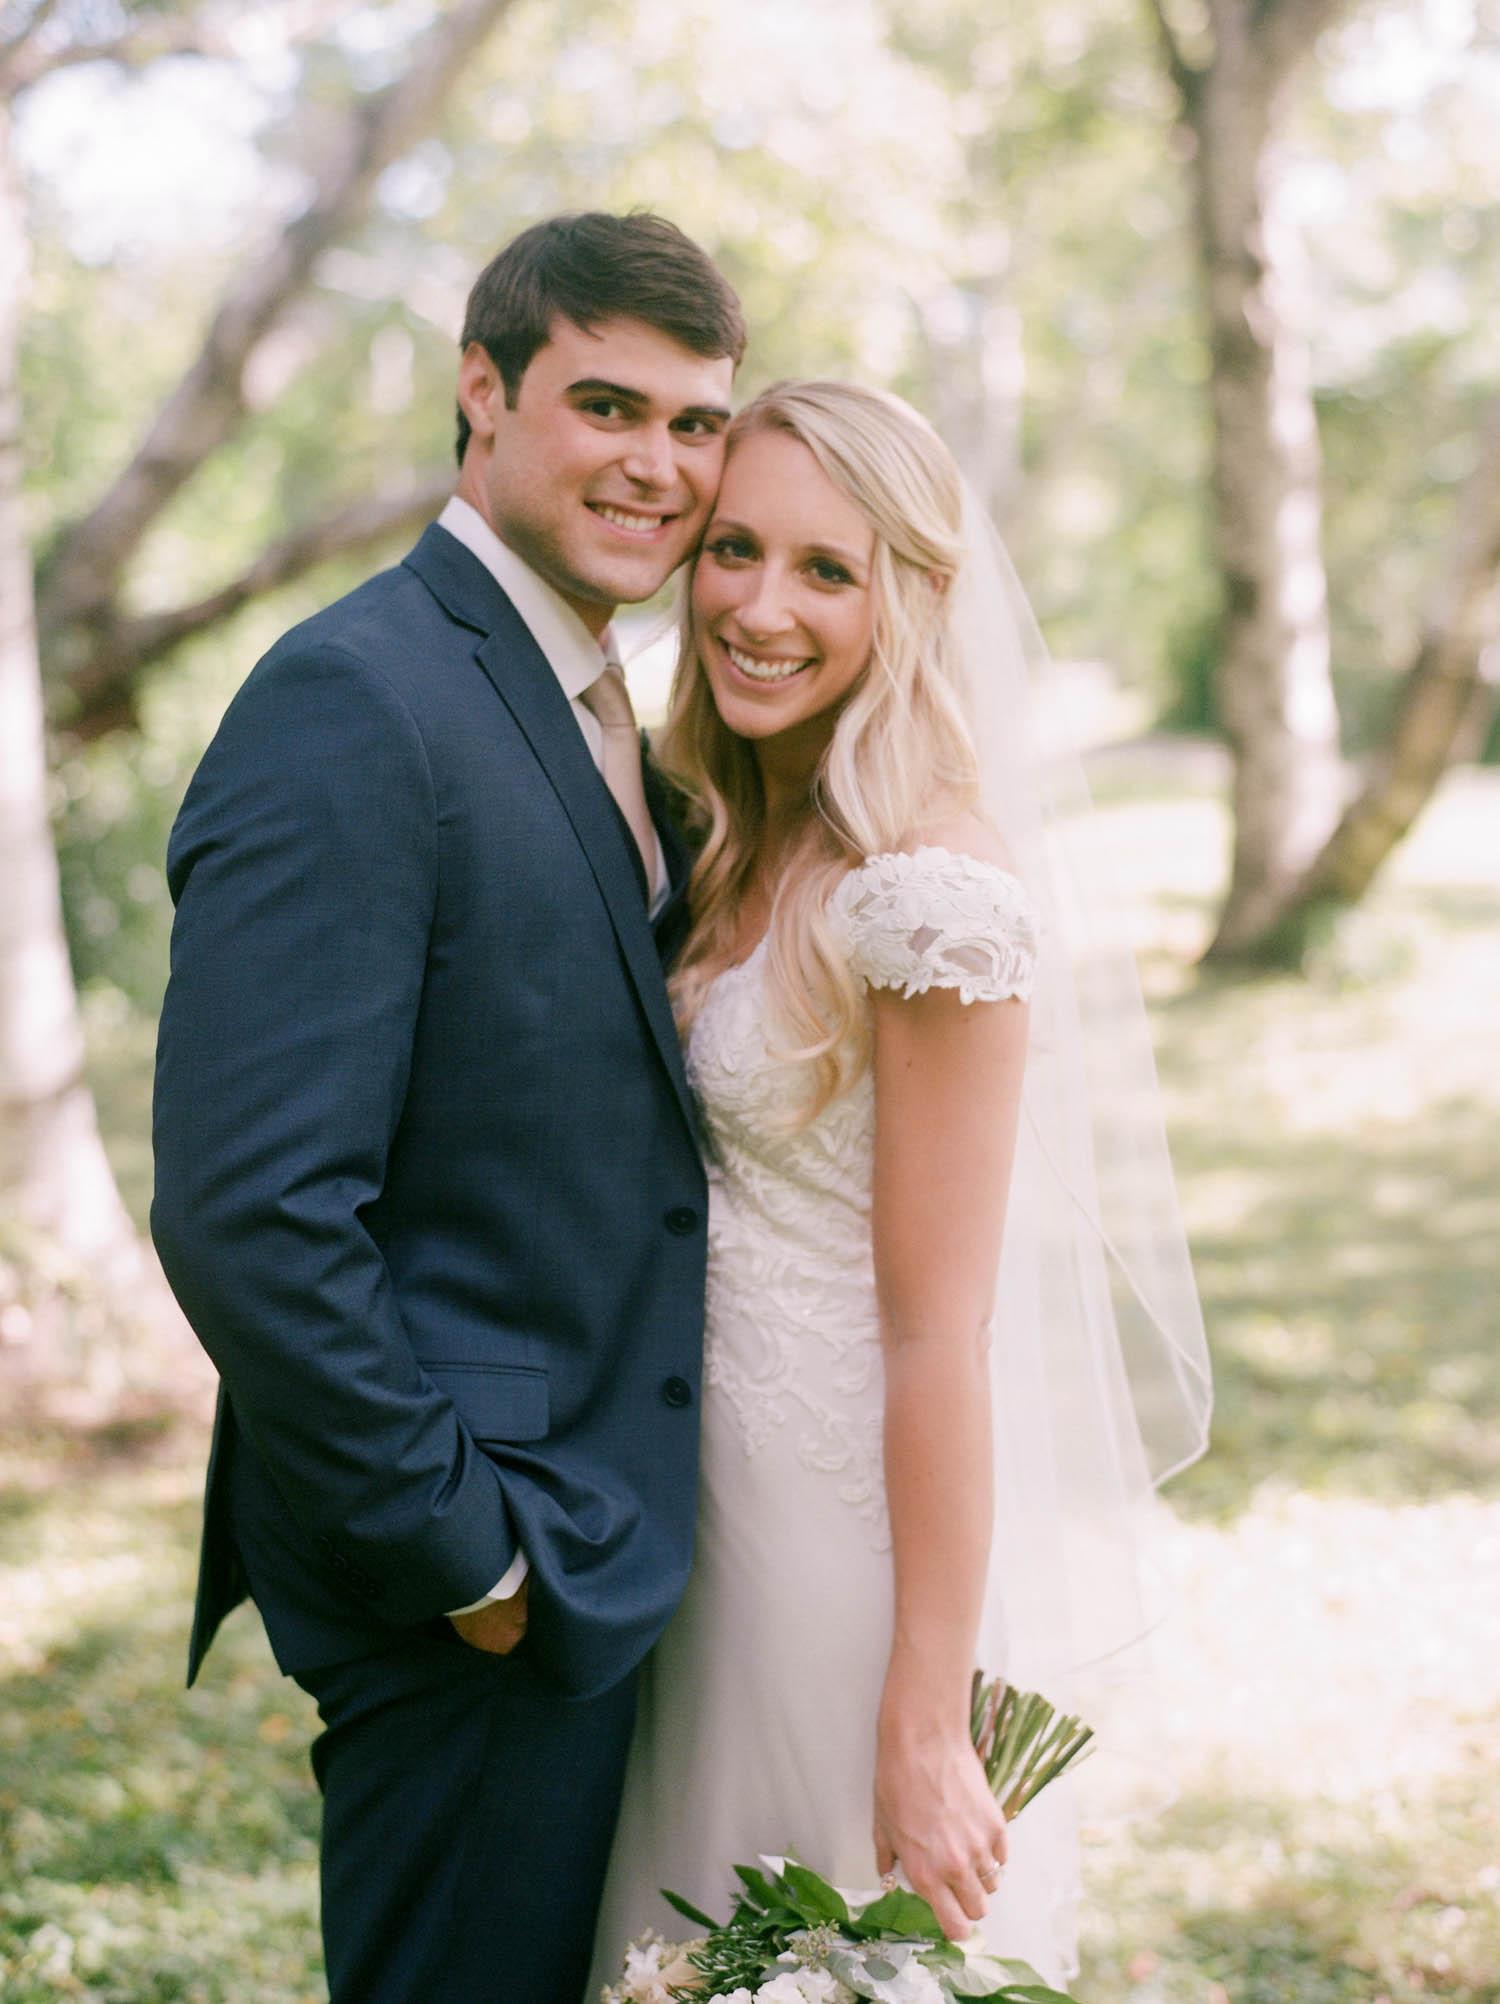 kateweinsteinphoto_kimpton_milwaukee_the_atrium_wedding-191.jpg